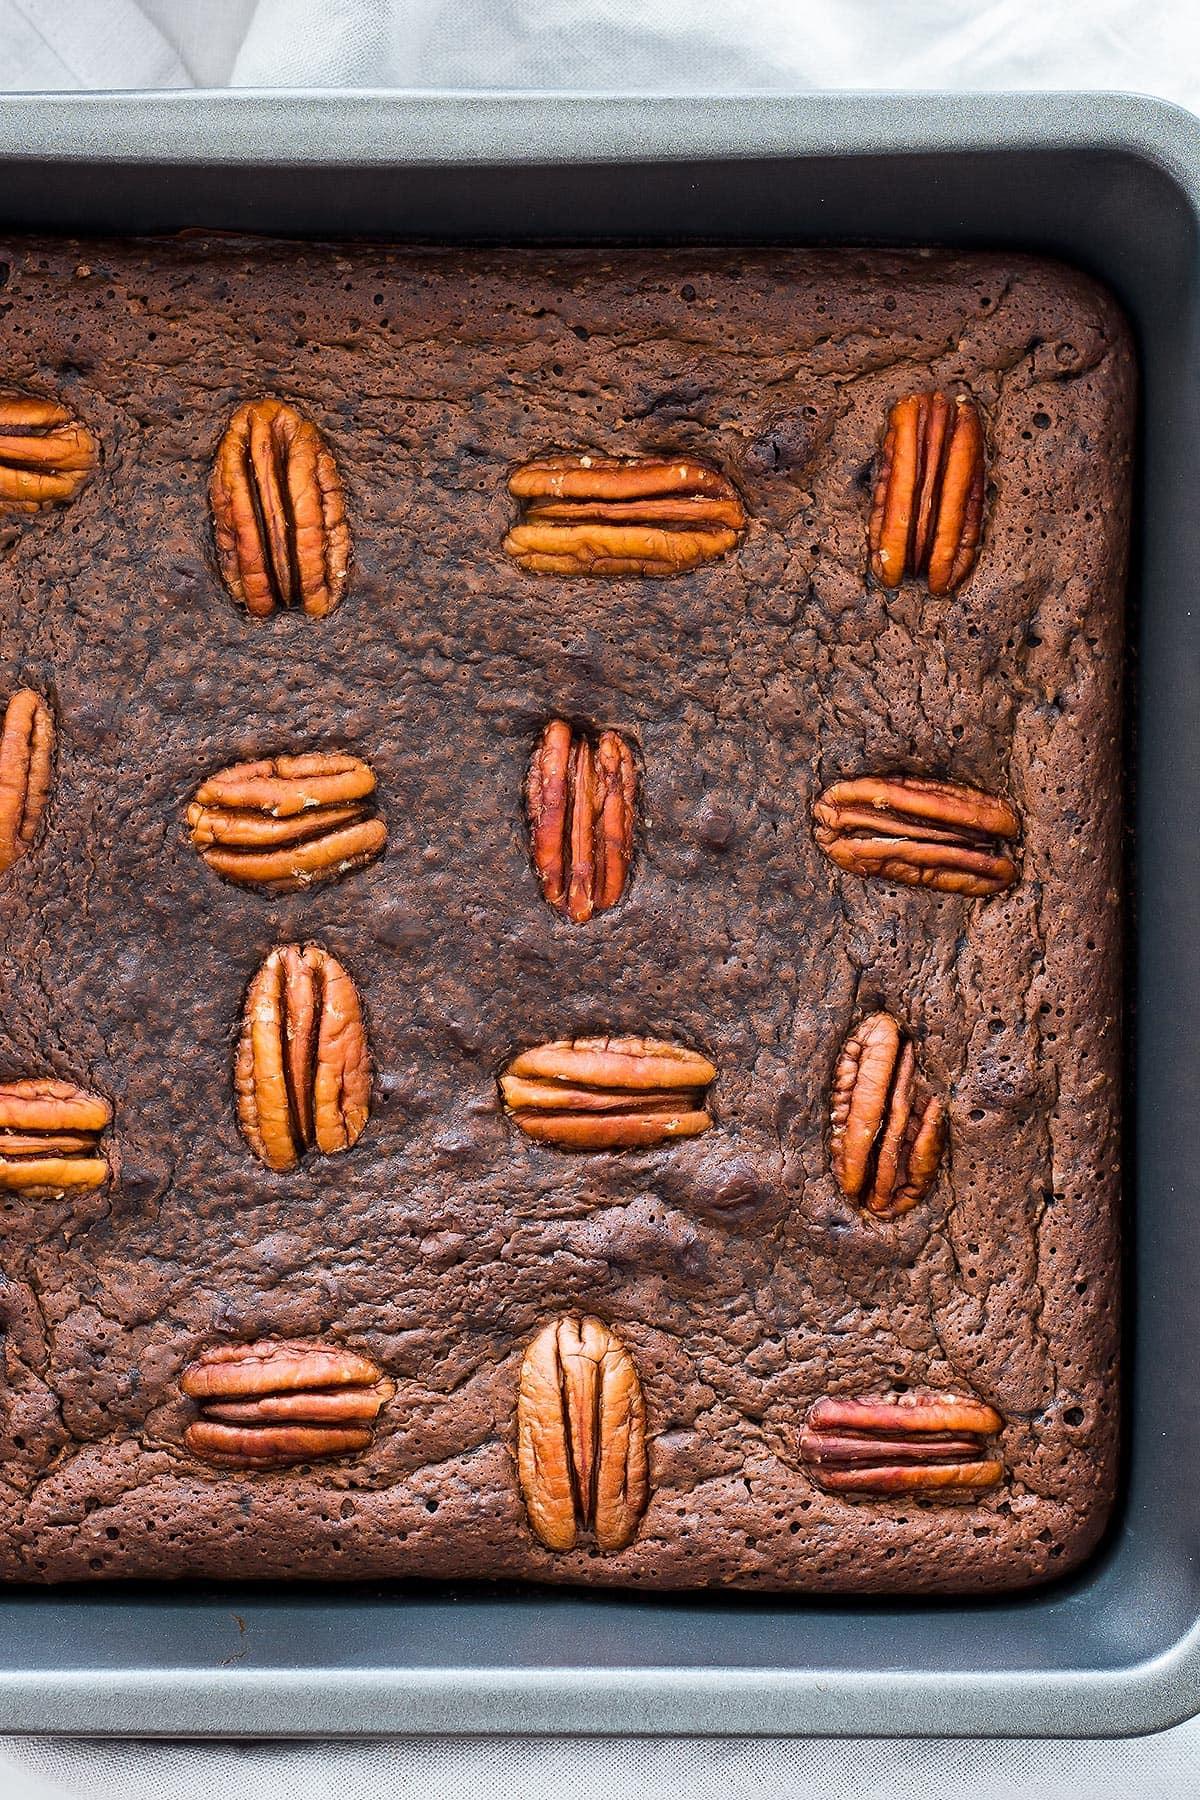 Pan of Uncut Coconut Flour Brownies